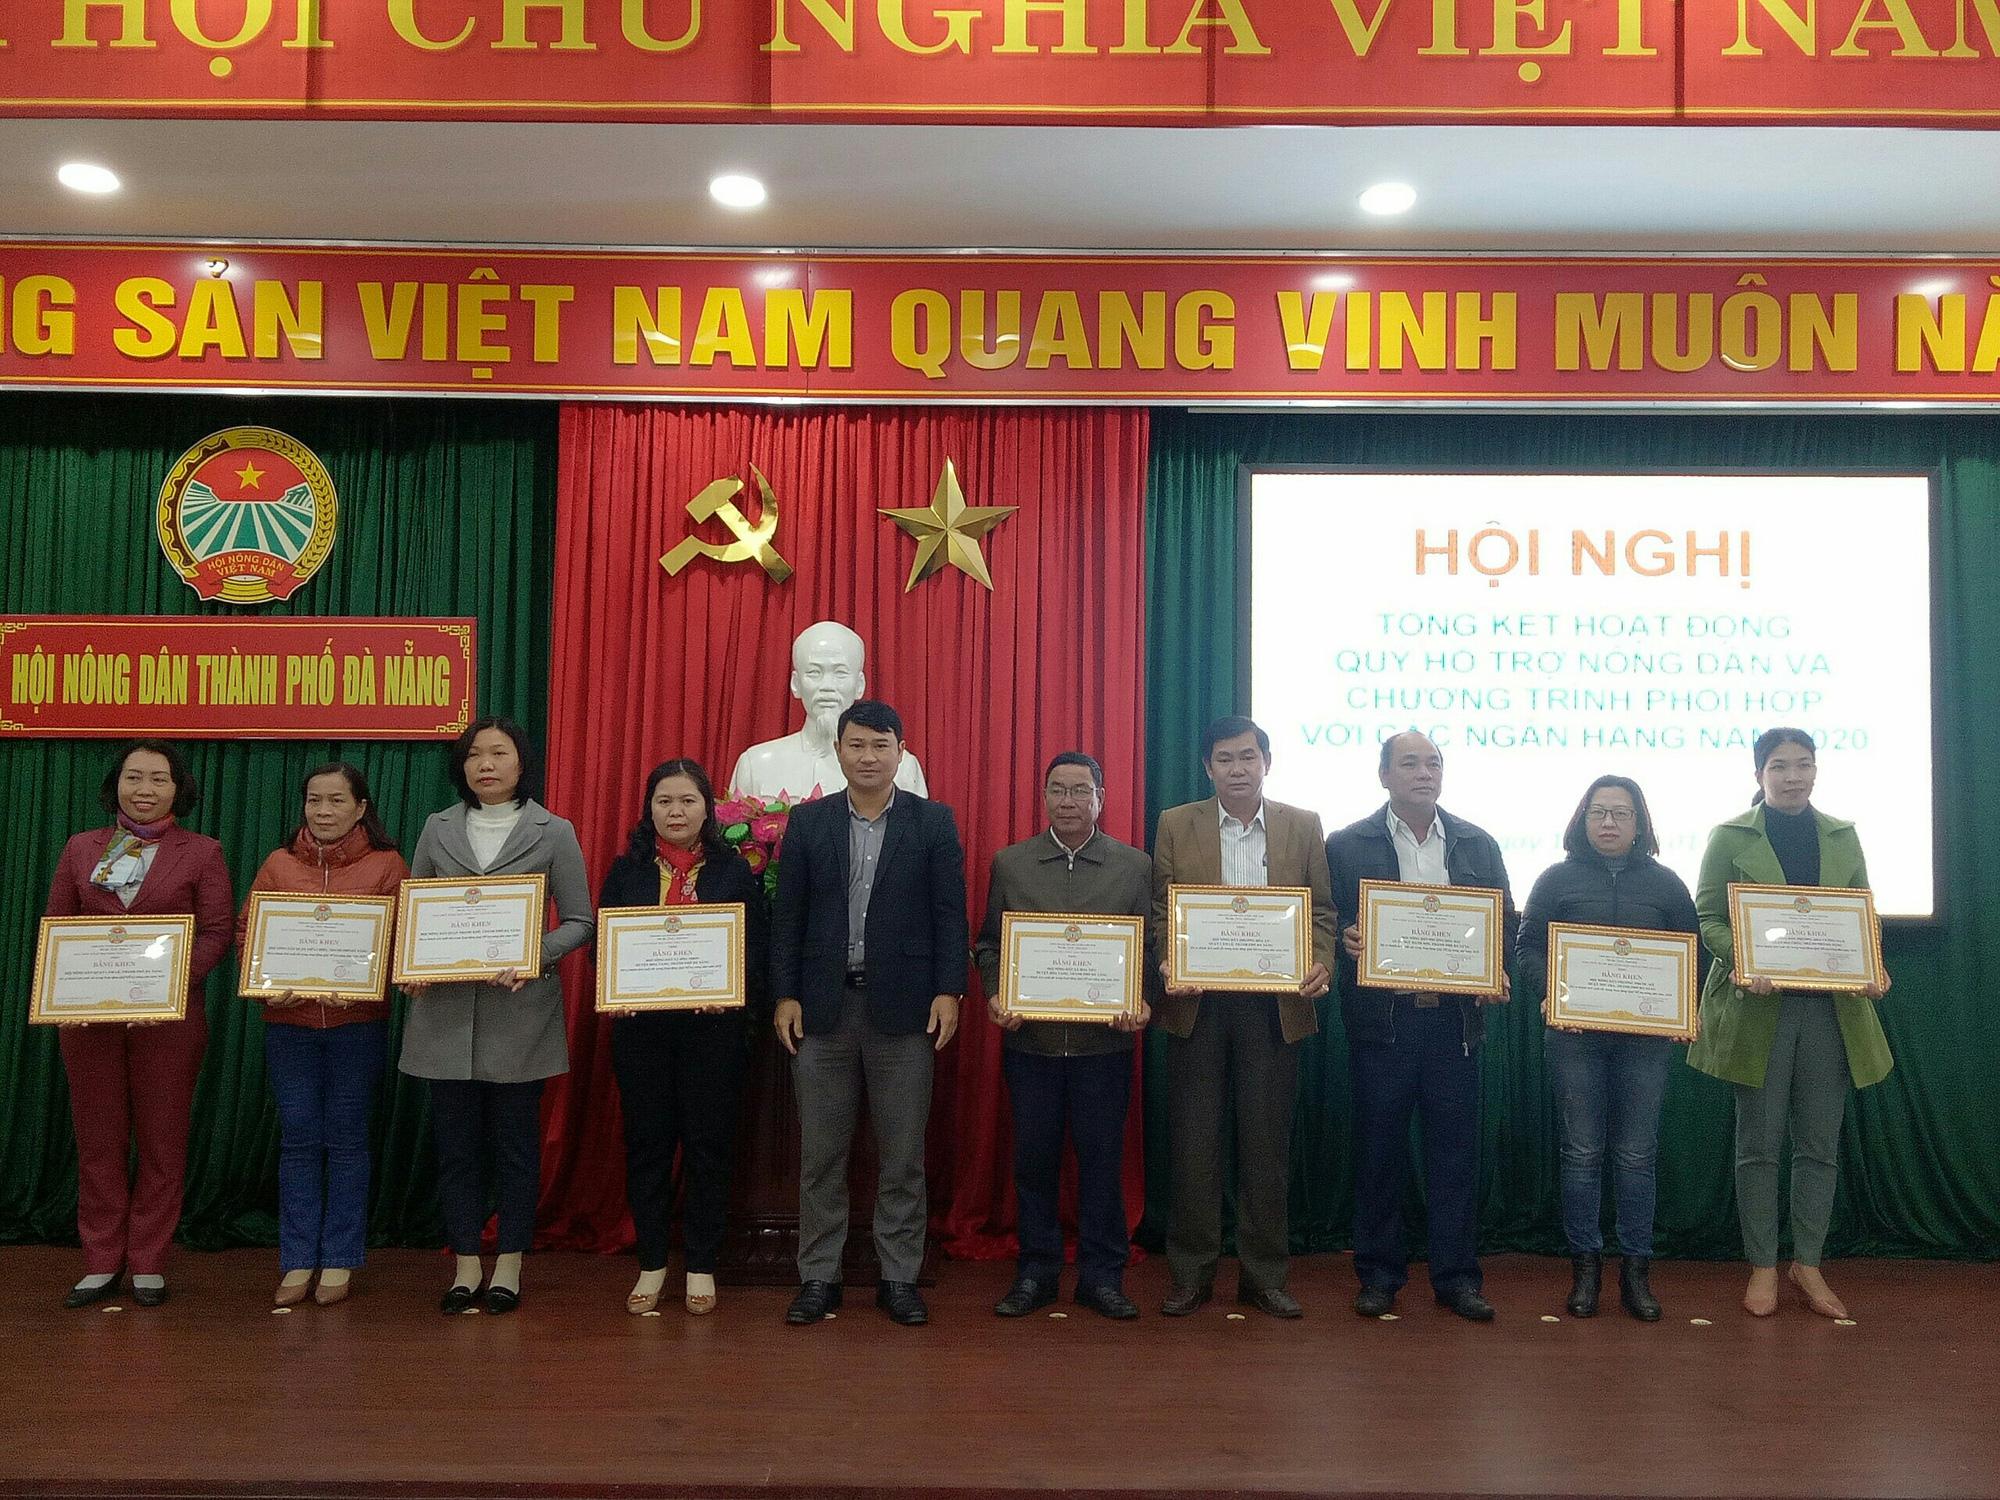 Đà Nẵng: Phát huy hiệu quả từ nguồn vốn của Quỹ hỗ trợ nông dân - Ảnh 1.